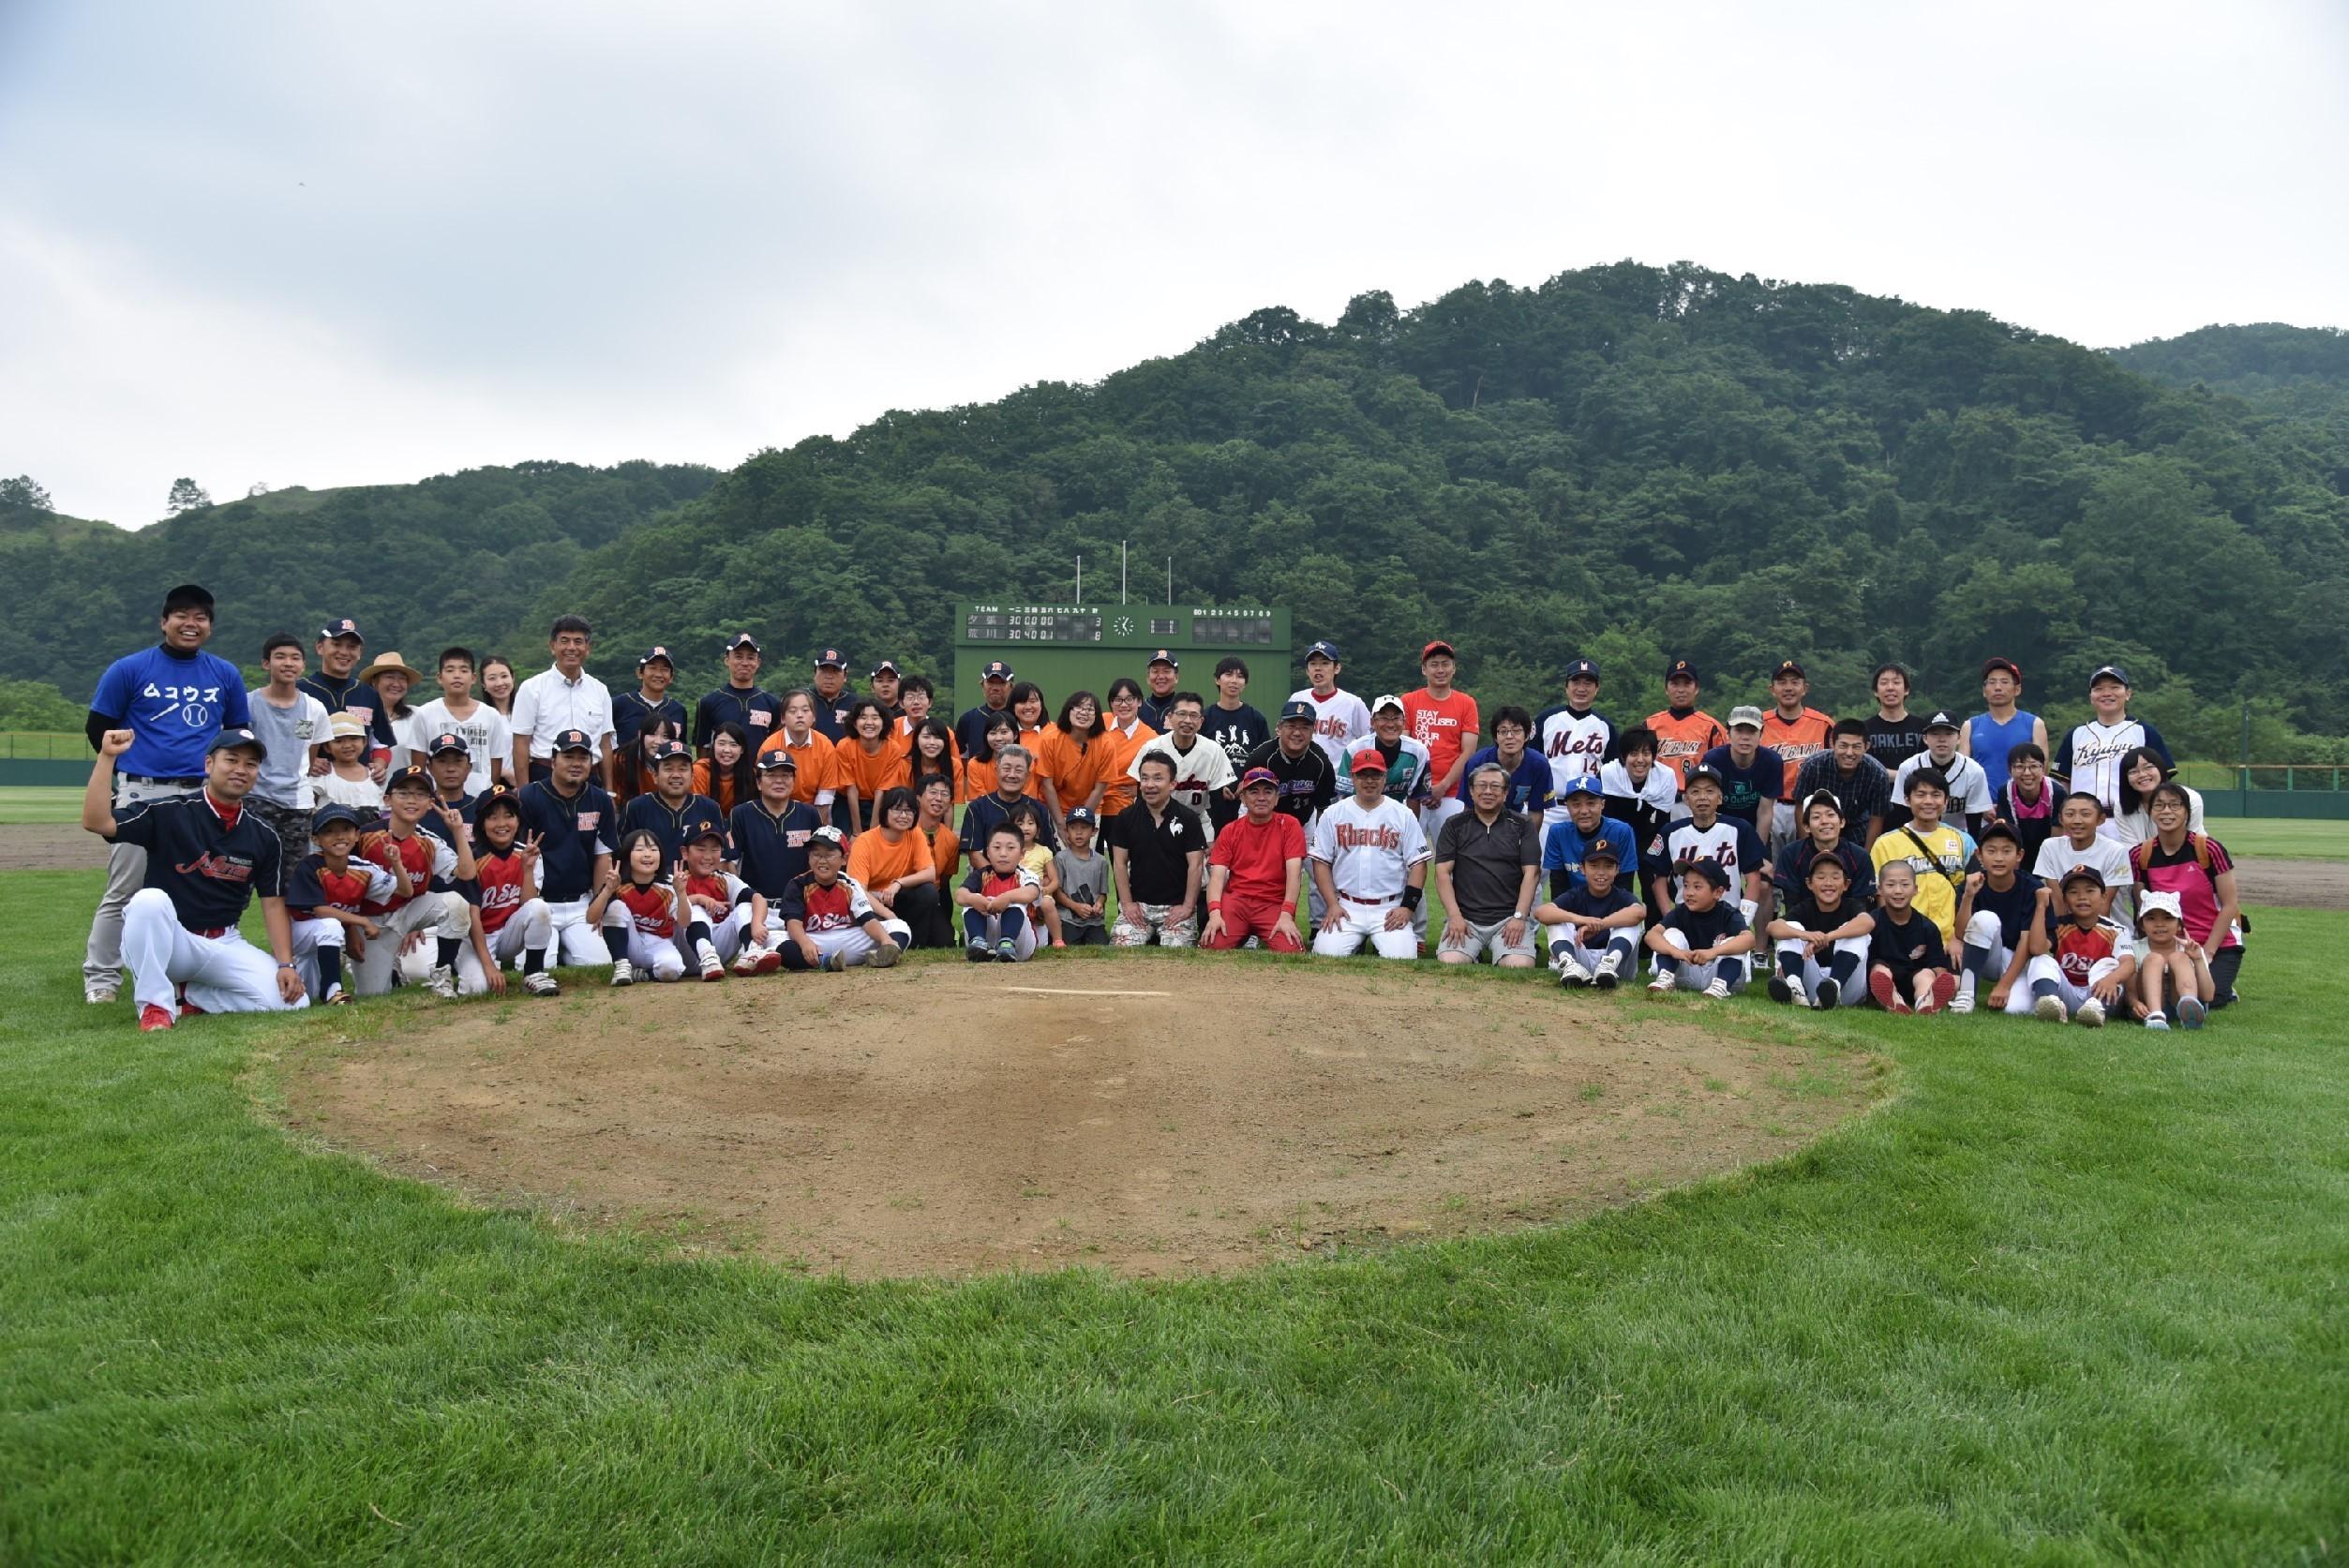 東京と夕張の草野球チームが対戦する「夕張メロンカップ」を実現させた都立荒川商業高校の生徒たち